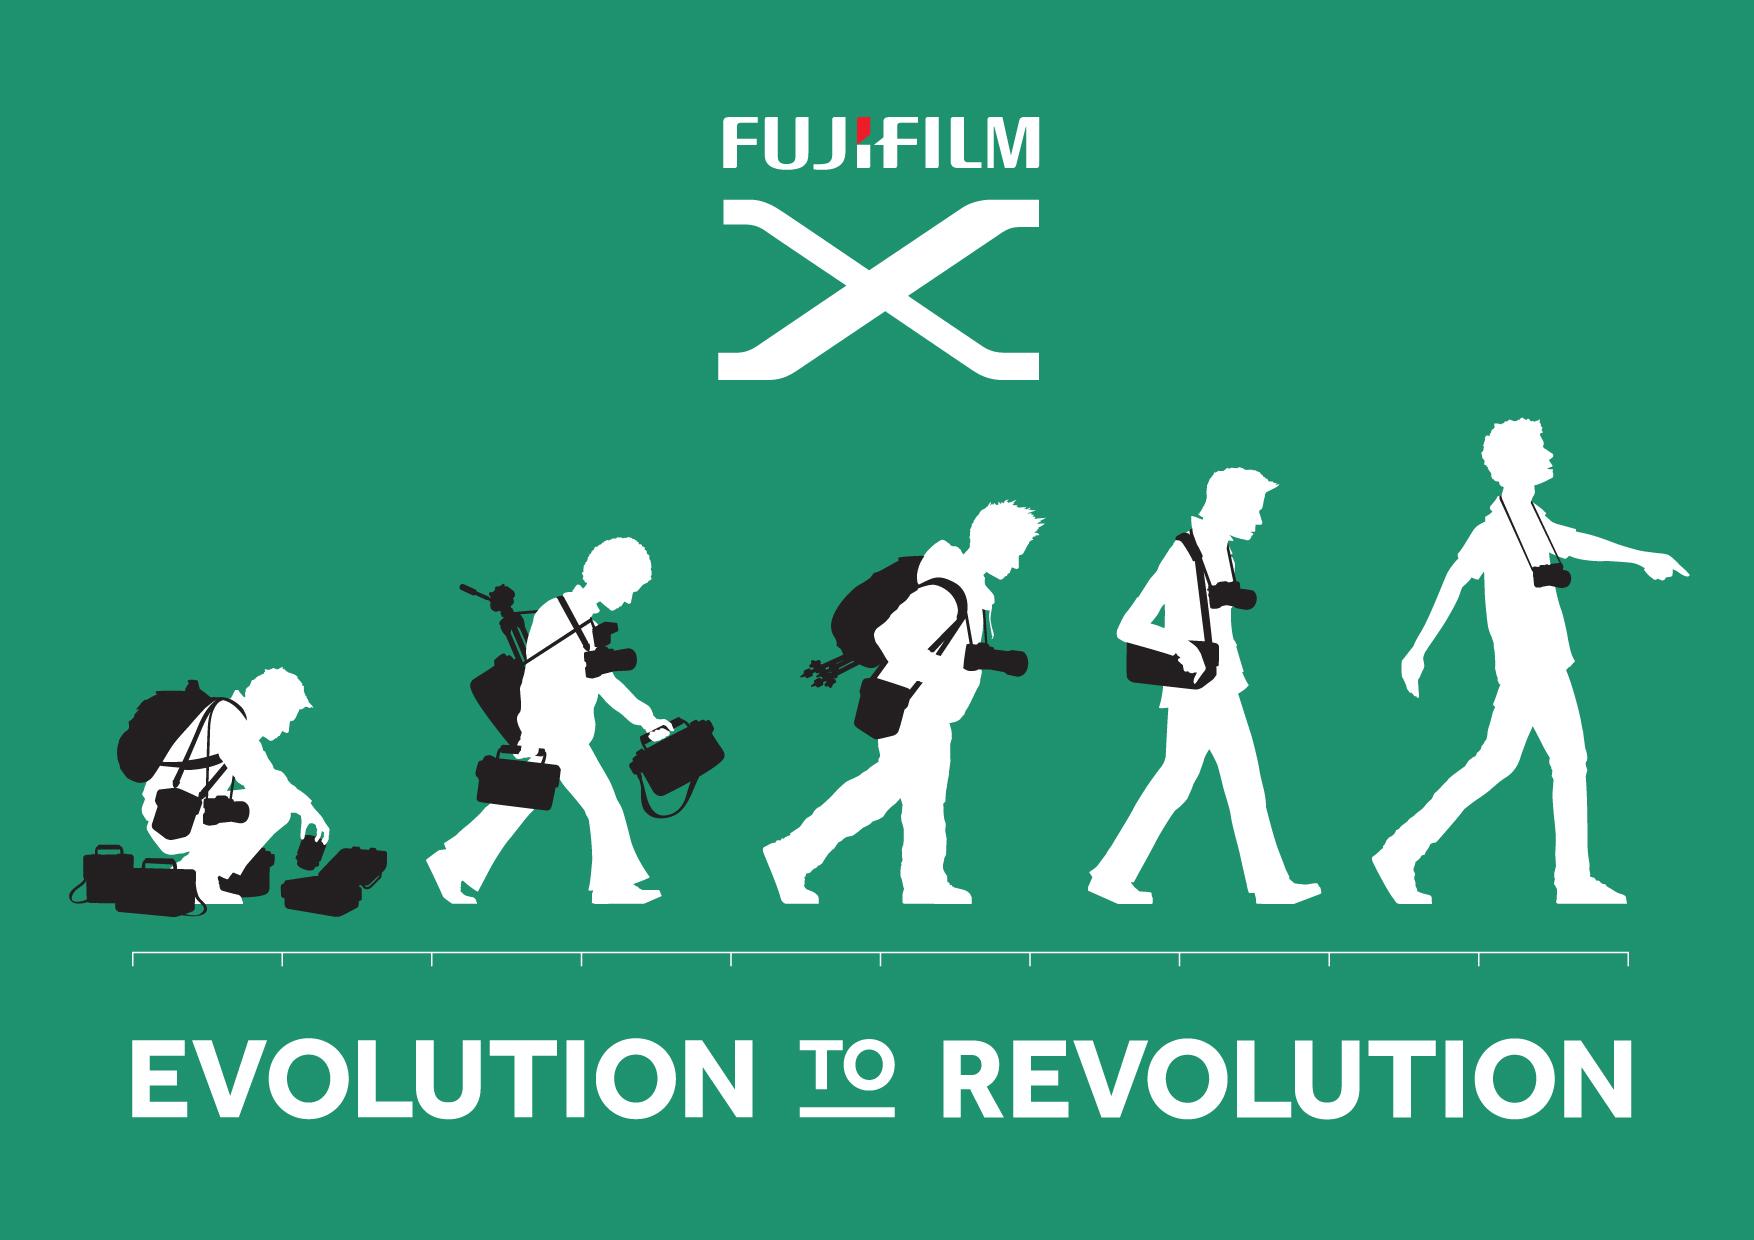 Fujifilm XT-1, Fujifilm X30